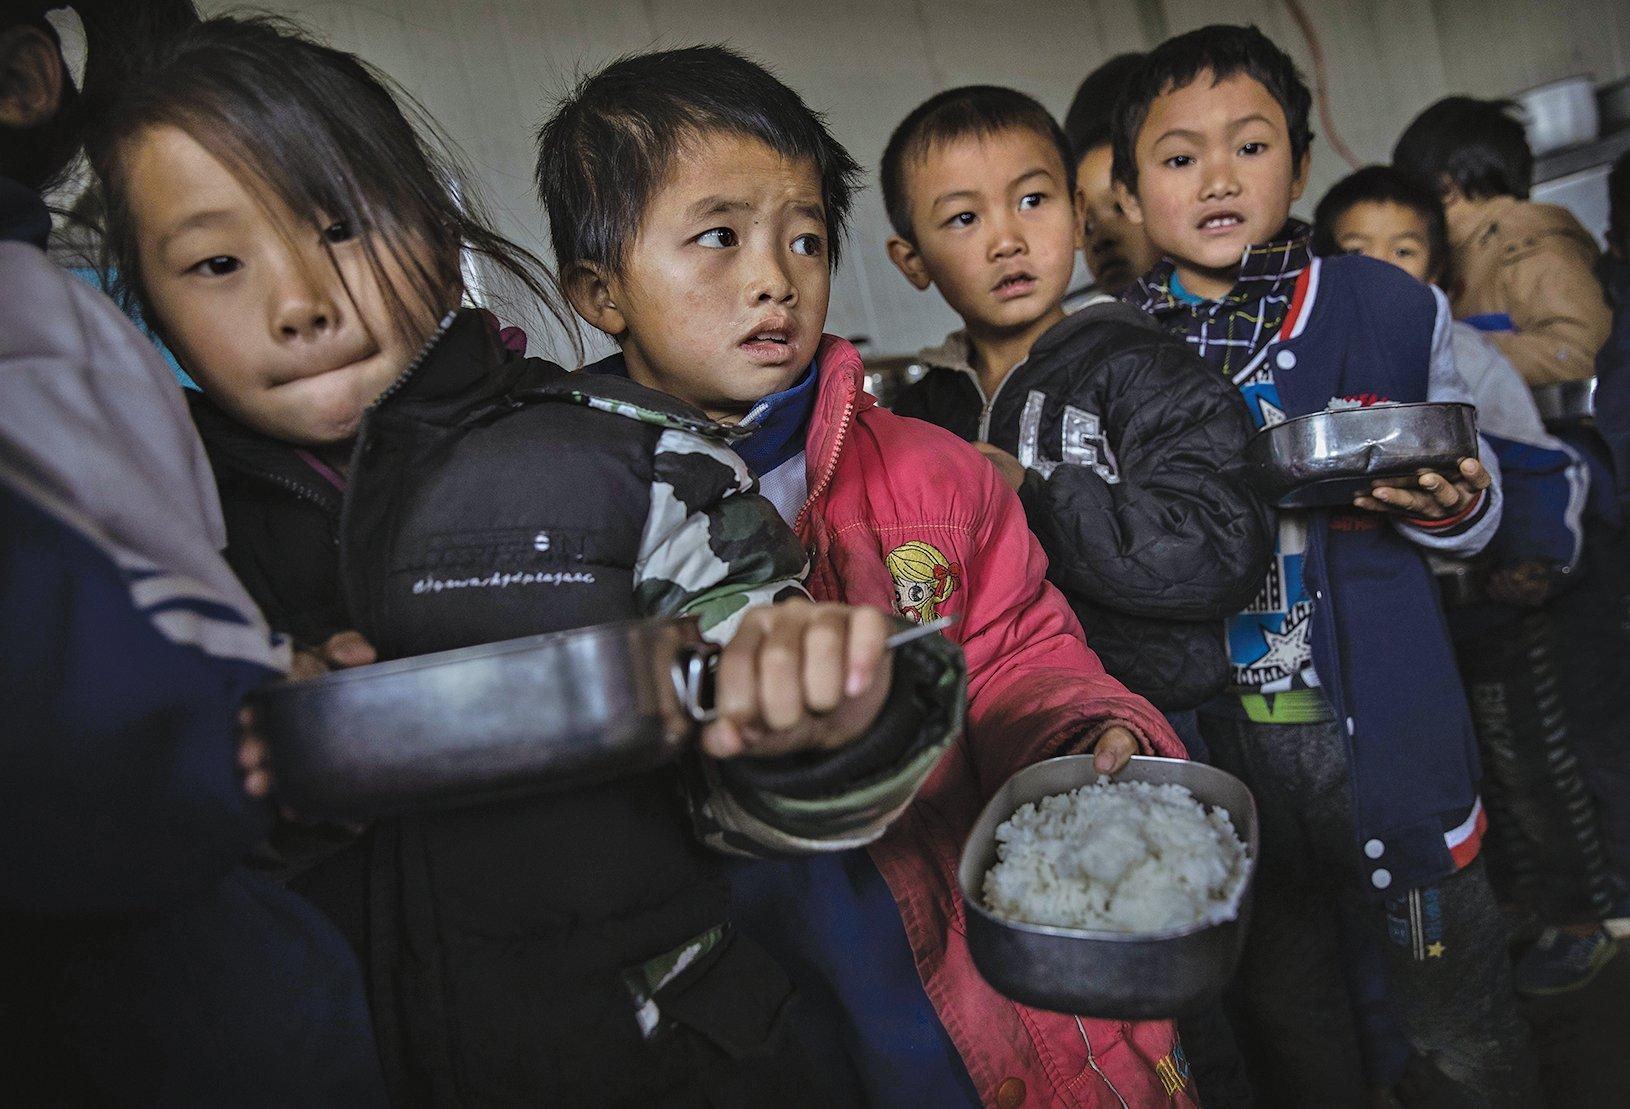 中共統治的中國農村半數以上的孩子智商發育緩慢,未來4到5億中國人可能會有永久性的認知障礙。(Getty Images)